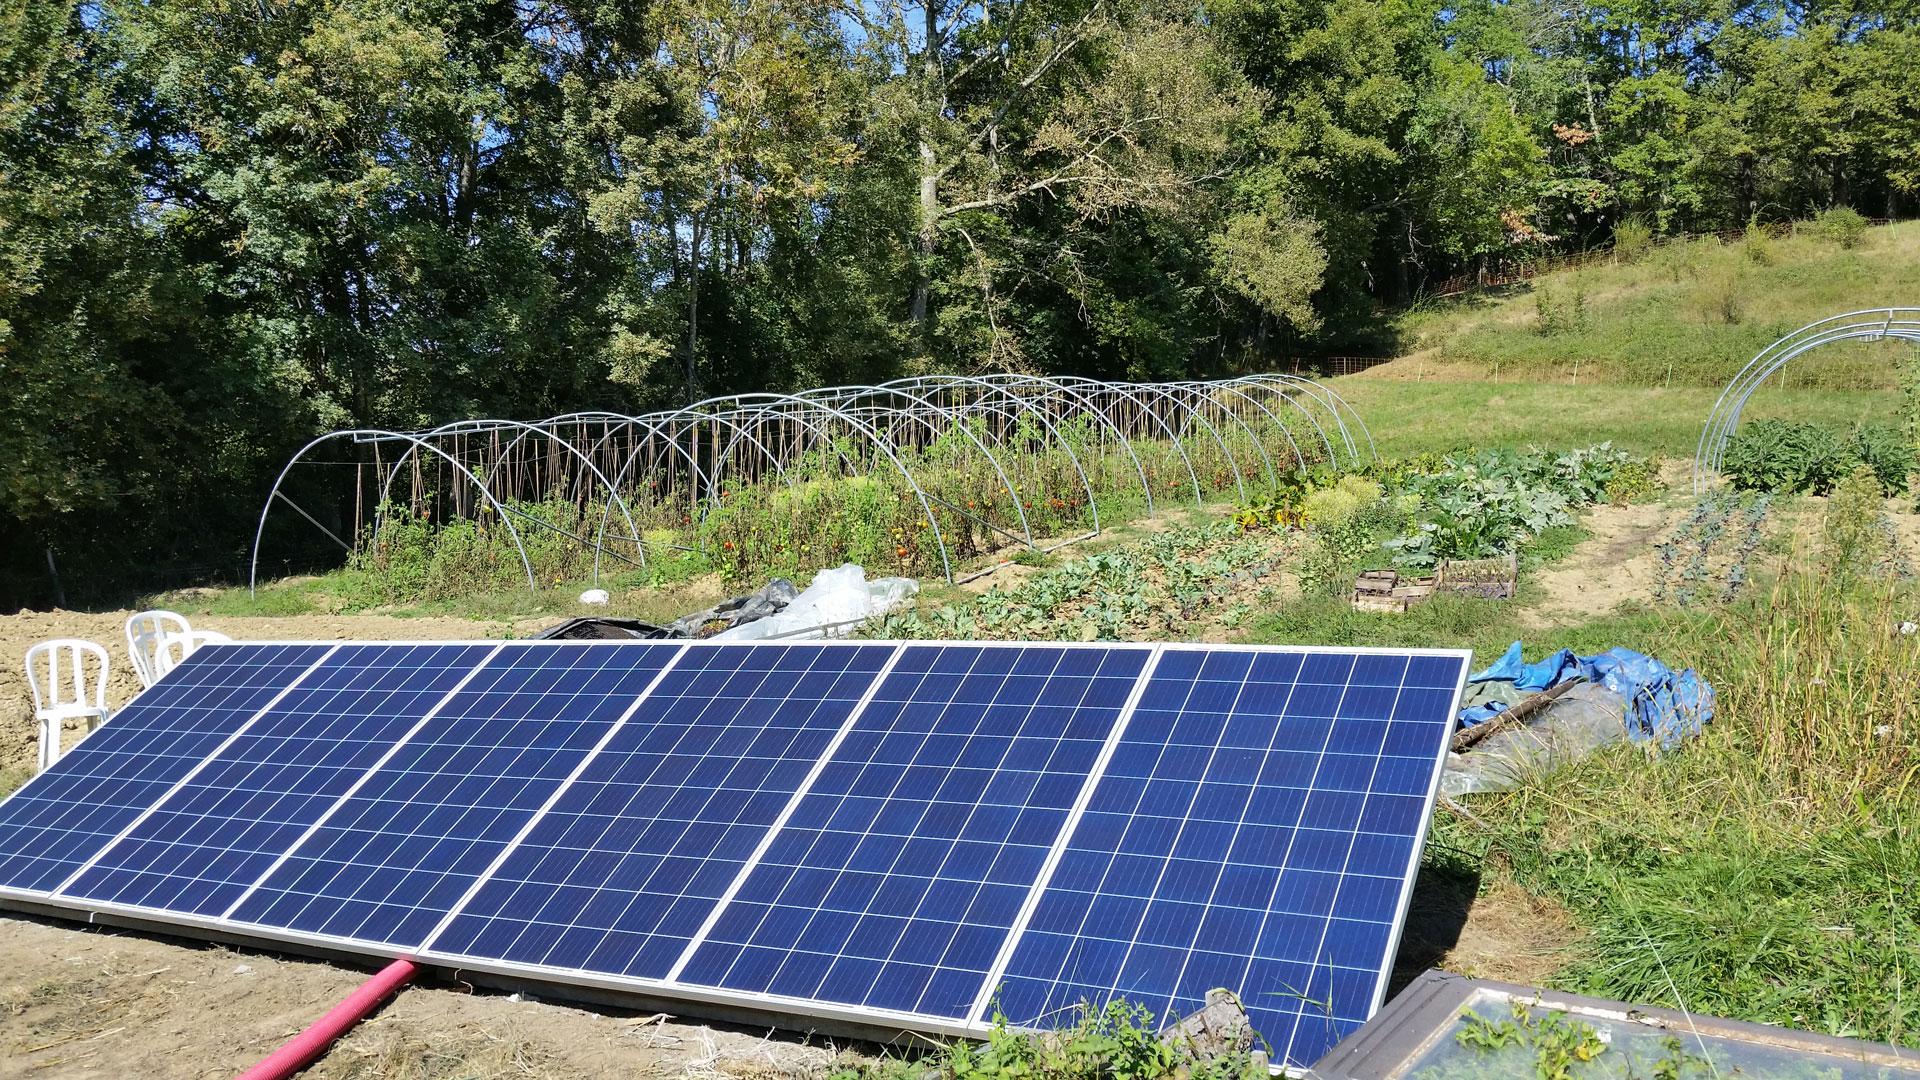 installation panneaux solaires au sol - installation-panneaux-solaires-au-sol -